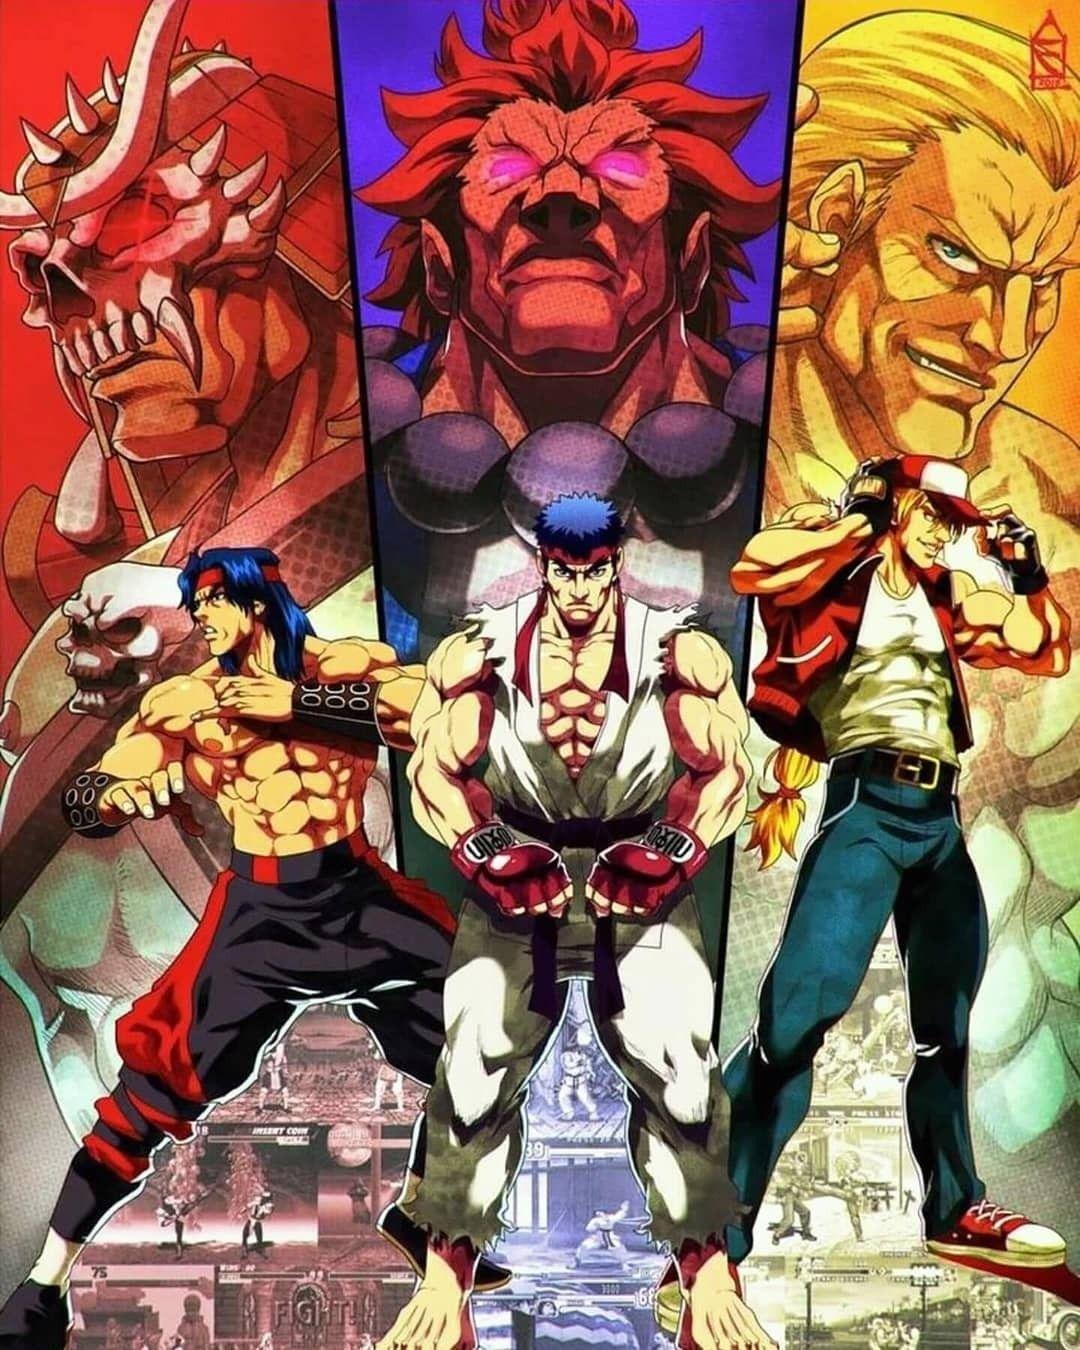 Franchise Characters And There Nemesis Mortal Combate Desenho Jogos De Luta Arte De Jogos